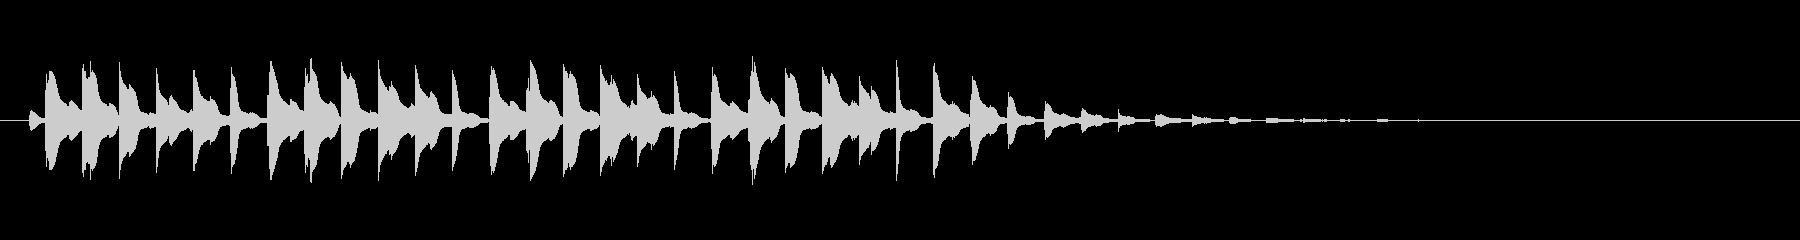 エレクトロニックウォーブルコメディ...の未再生の波形